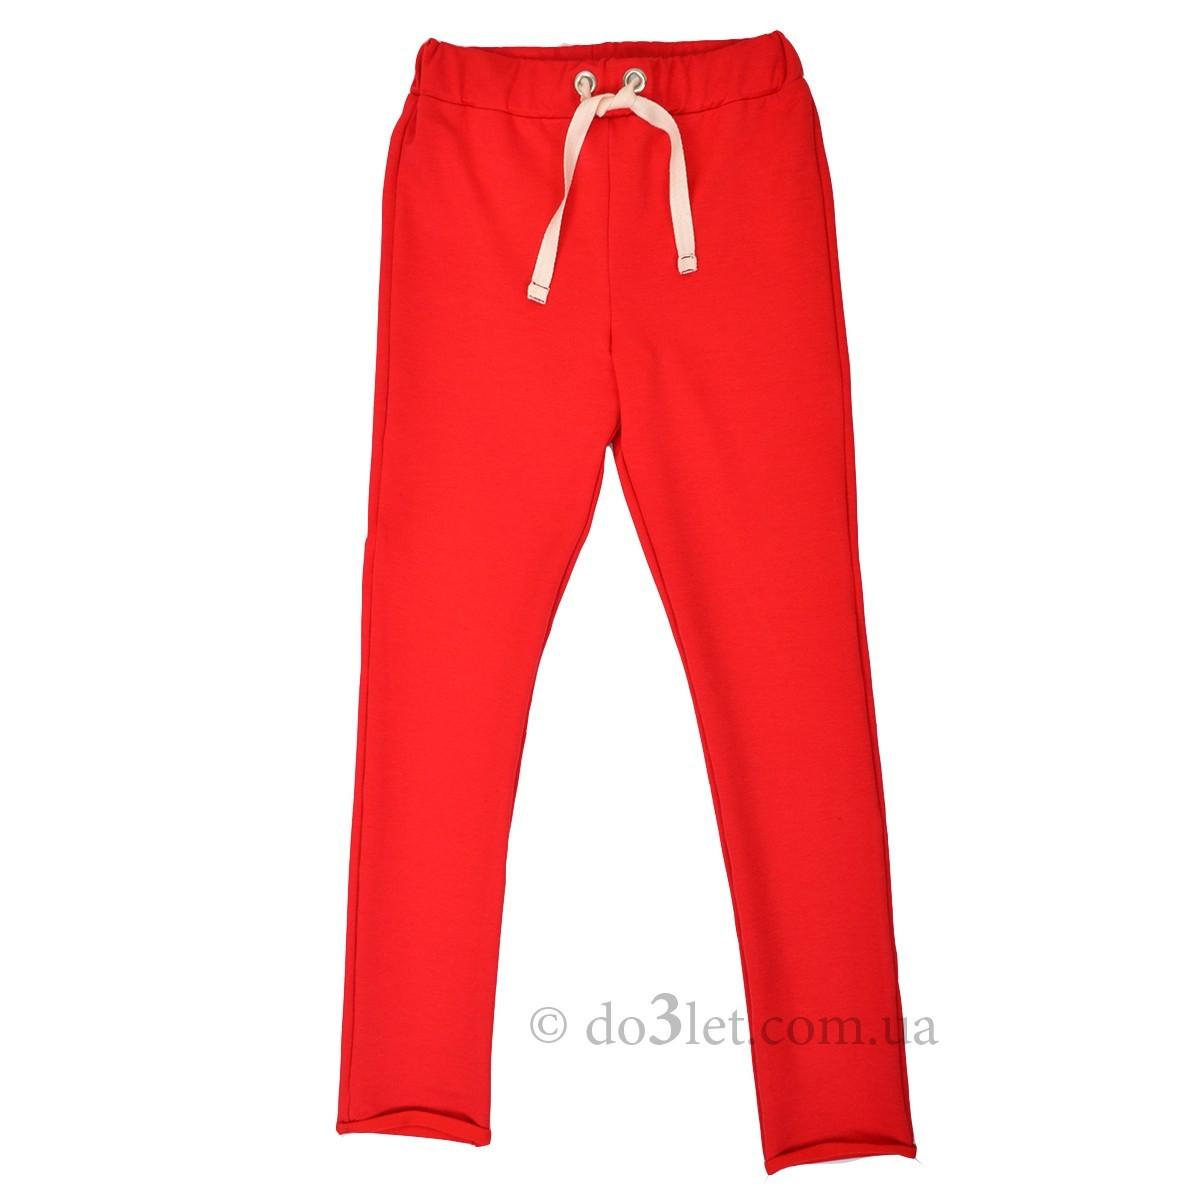 036d8e72 Зауженные спортивные штаны для девочки Timbo H025469 р.122 красный -  DetiTop.com -